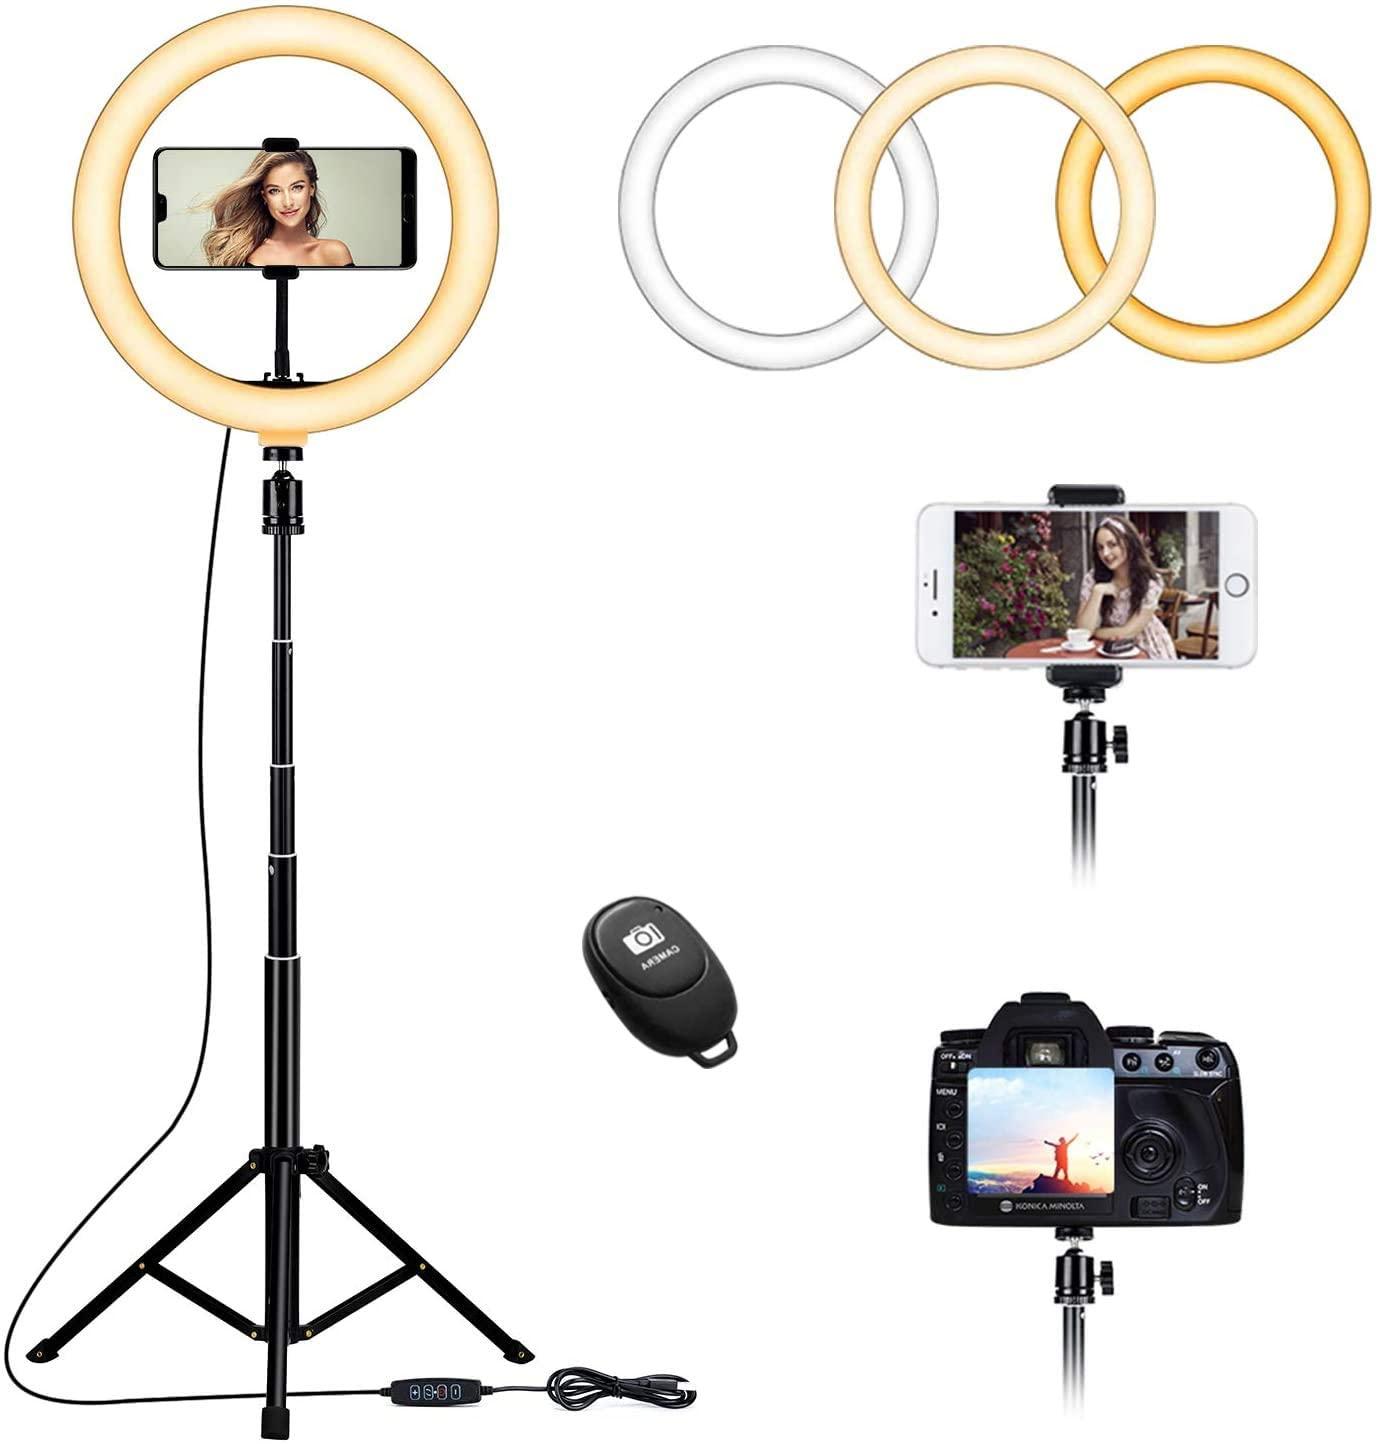 """Anillo de luz para selfie de 10.2"""" con soporte de trípode y soporte para teléfono celular para transmisión en directo"""